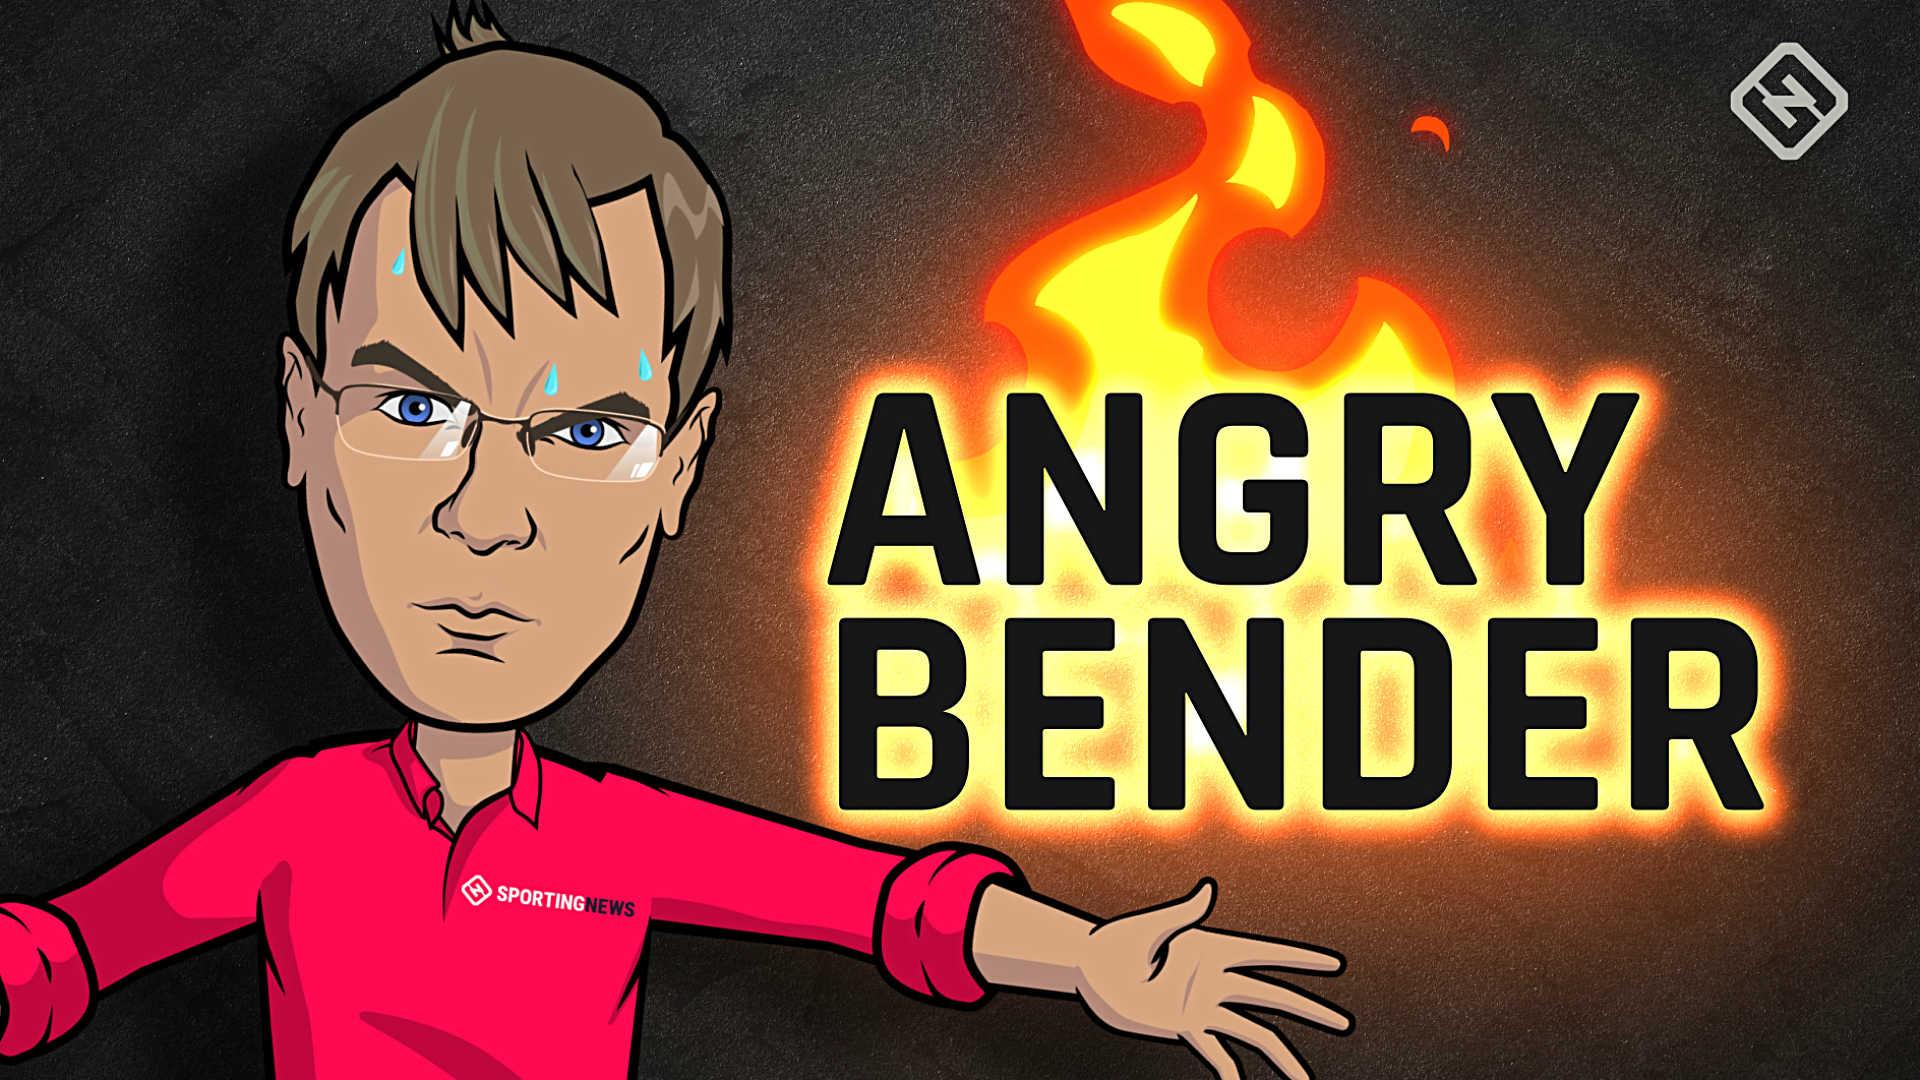 Angry-bender-0818181-getty-ftrjpg_1t6wo0fniqav11kj2vu2owr5xp